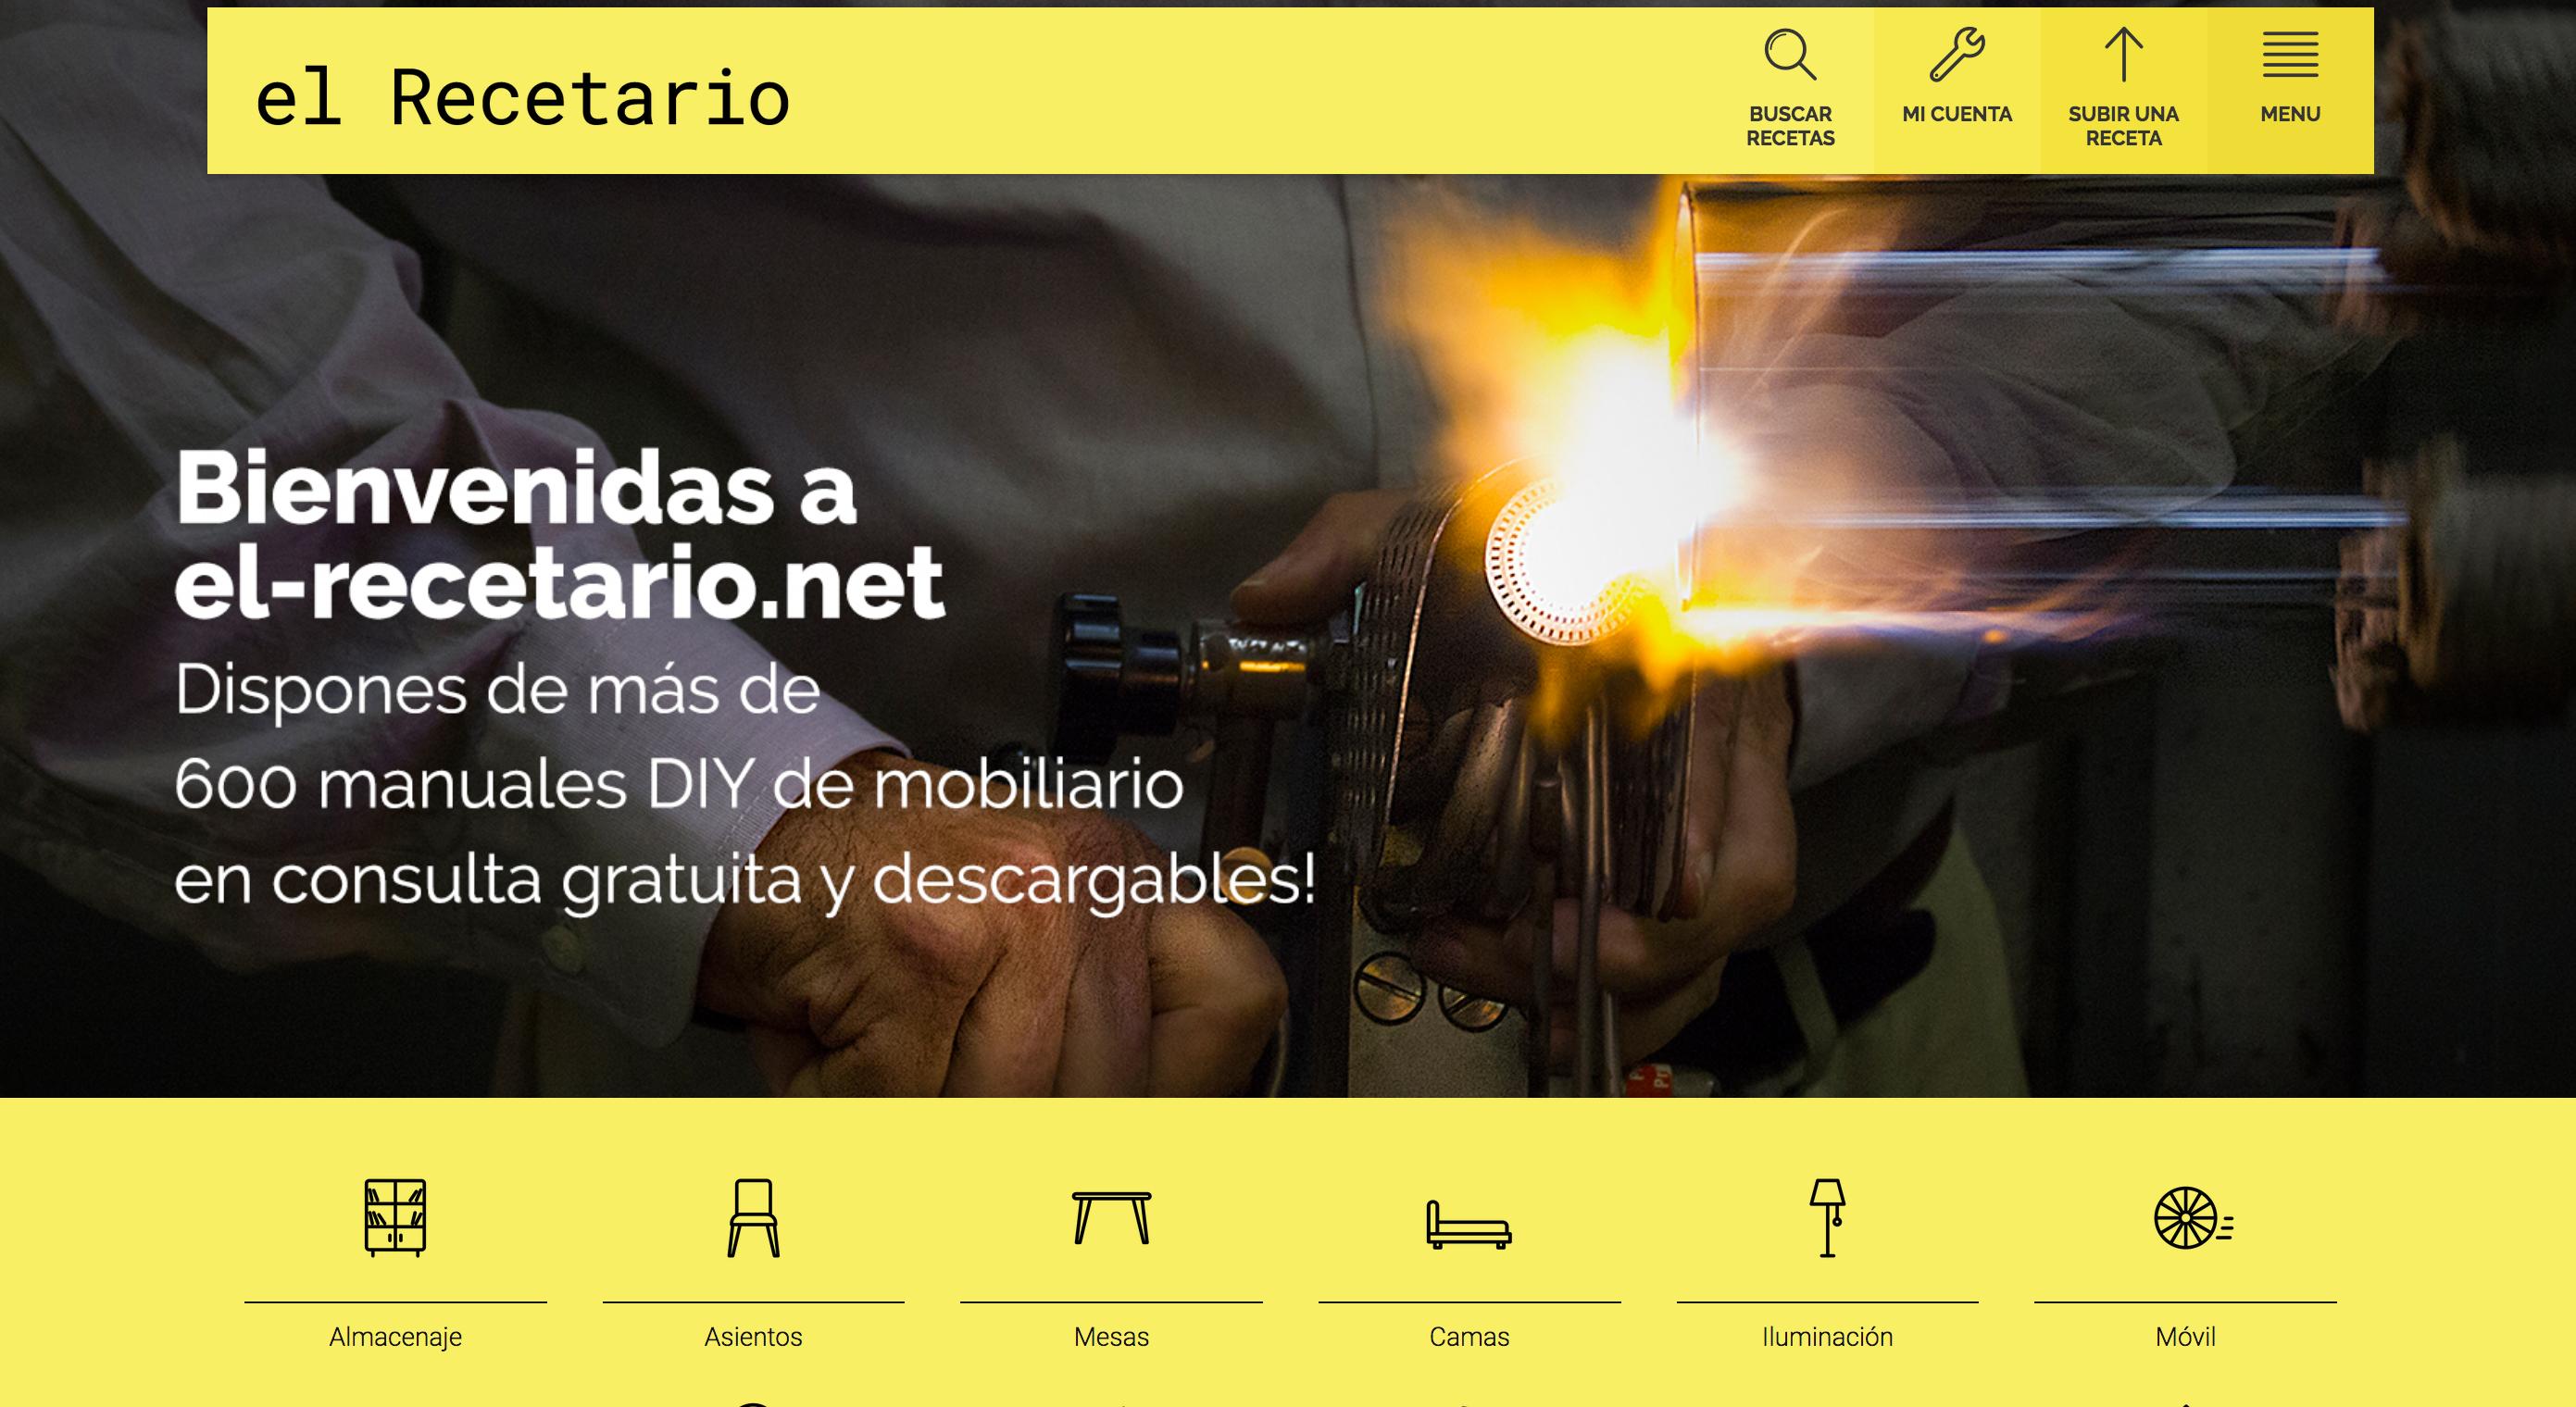 El-Recetario.net